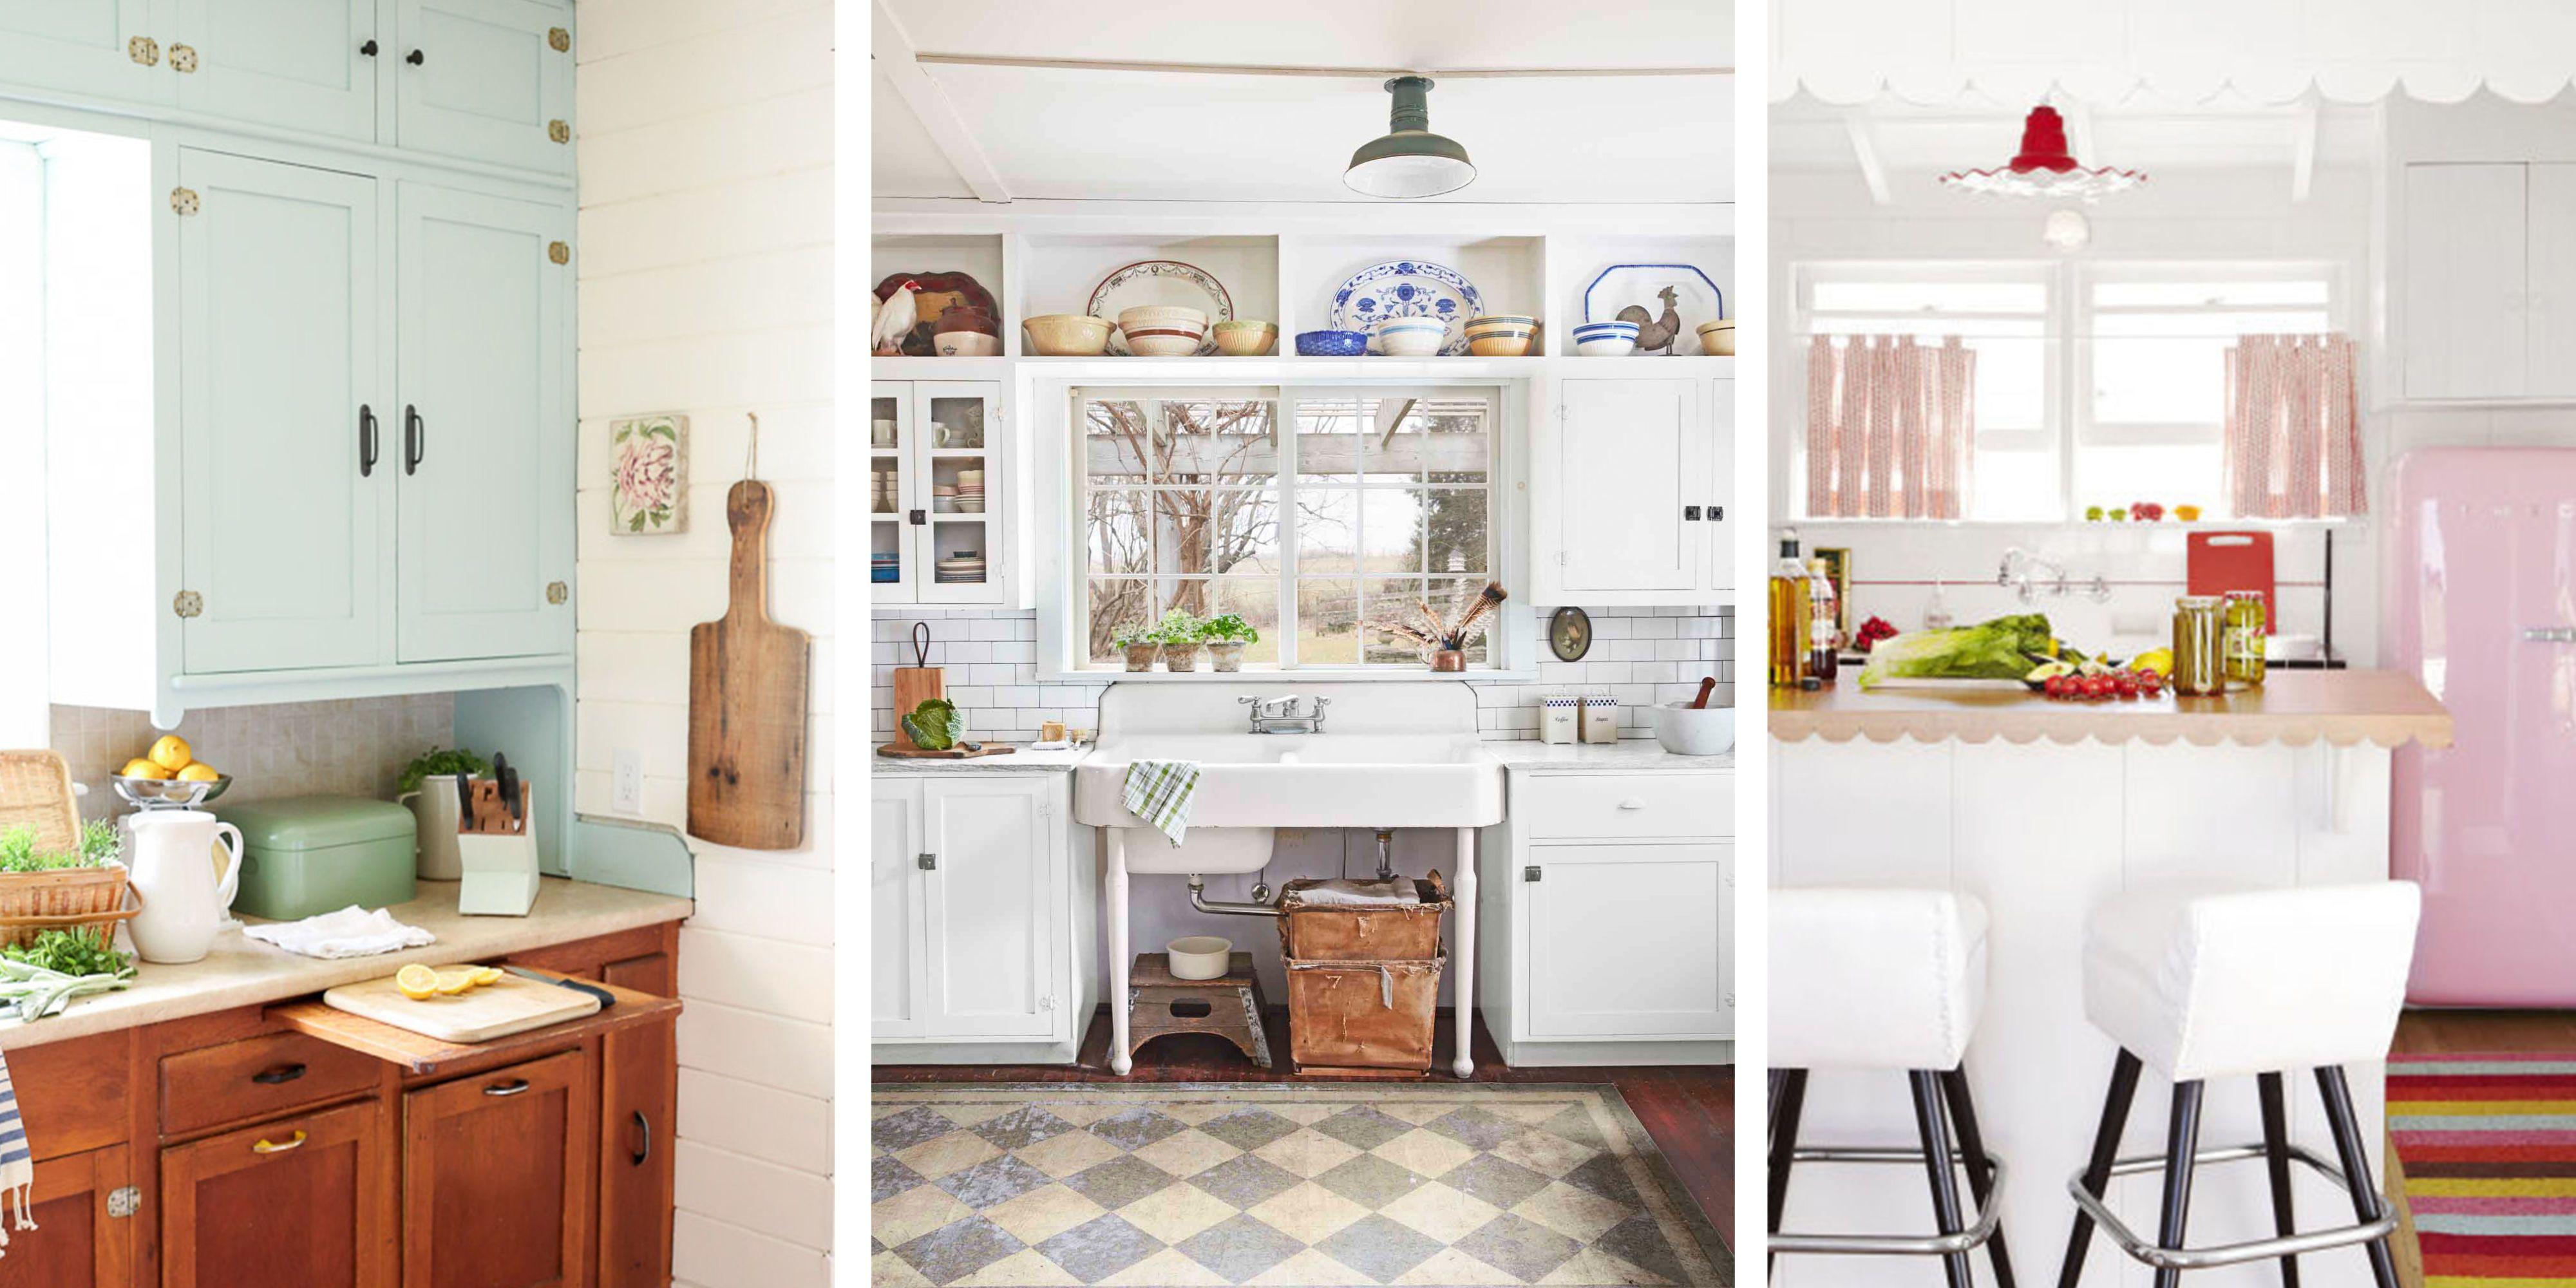 20 Vintage Kitchen Decorating Ideas , Design Inspiration for